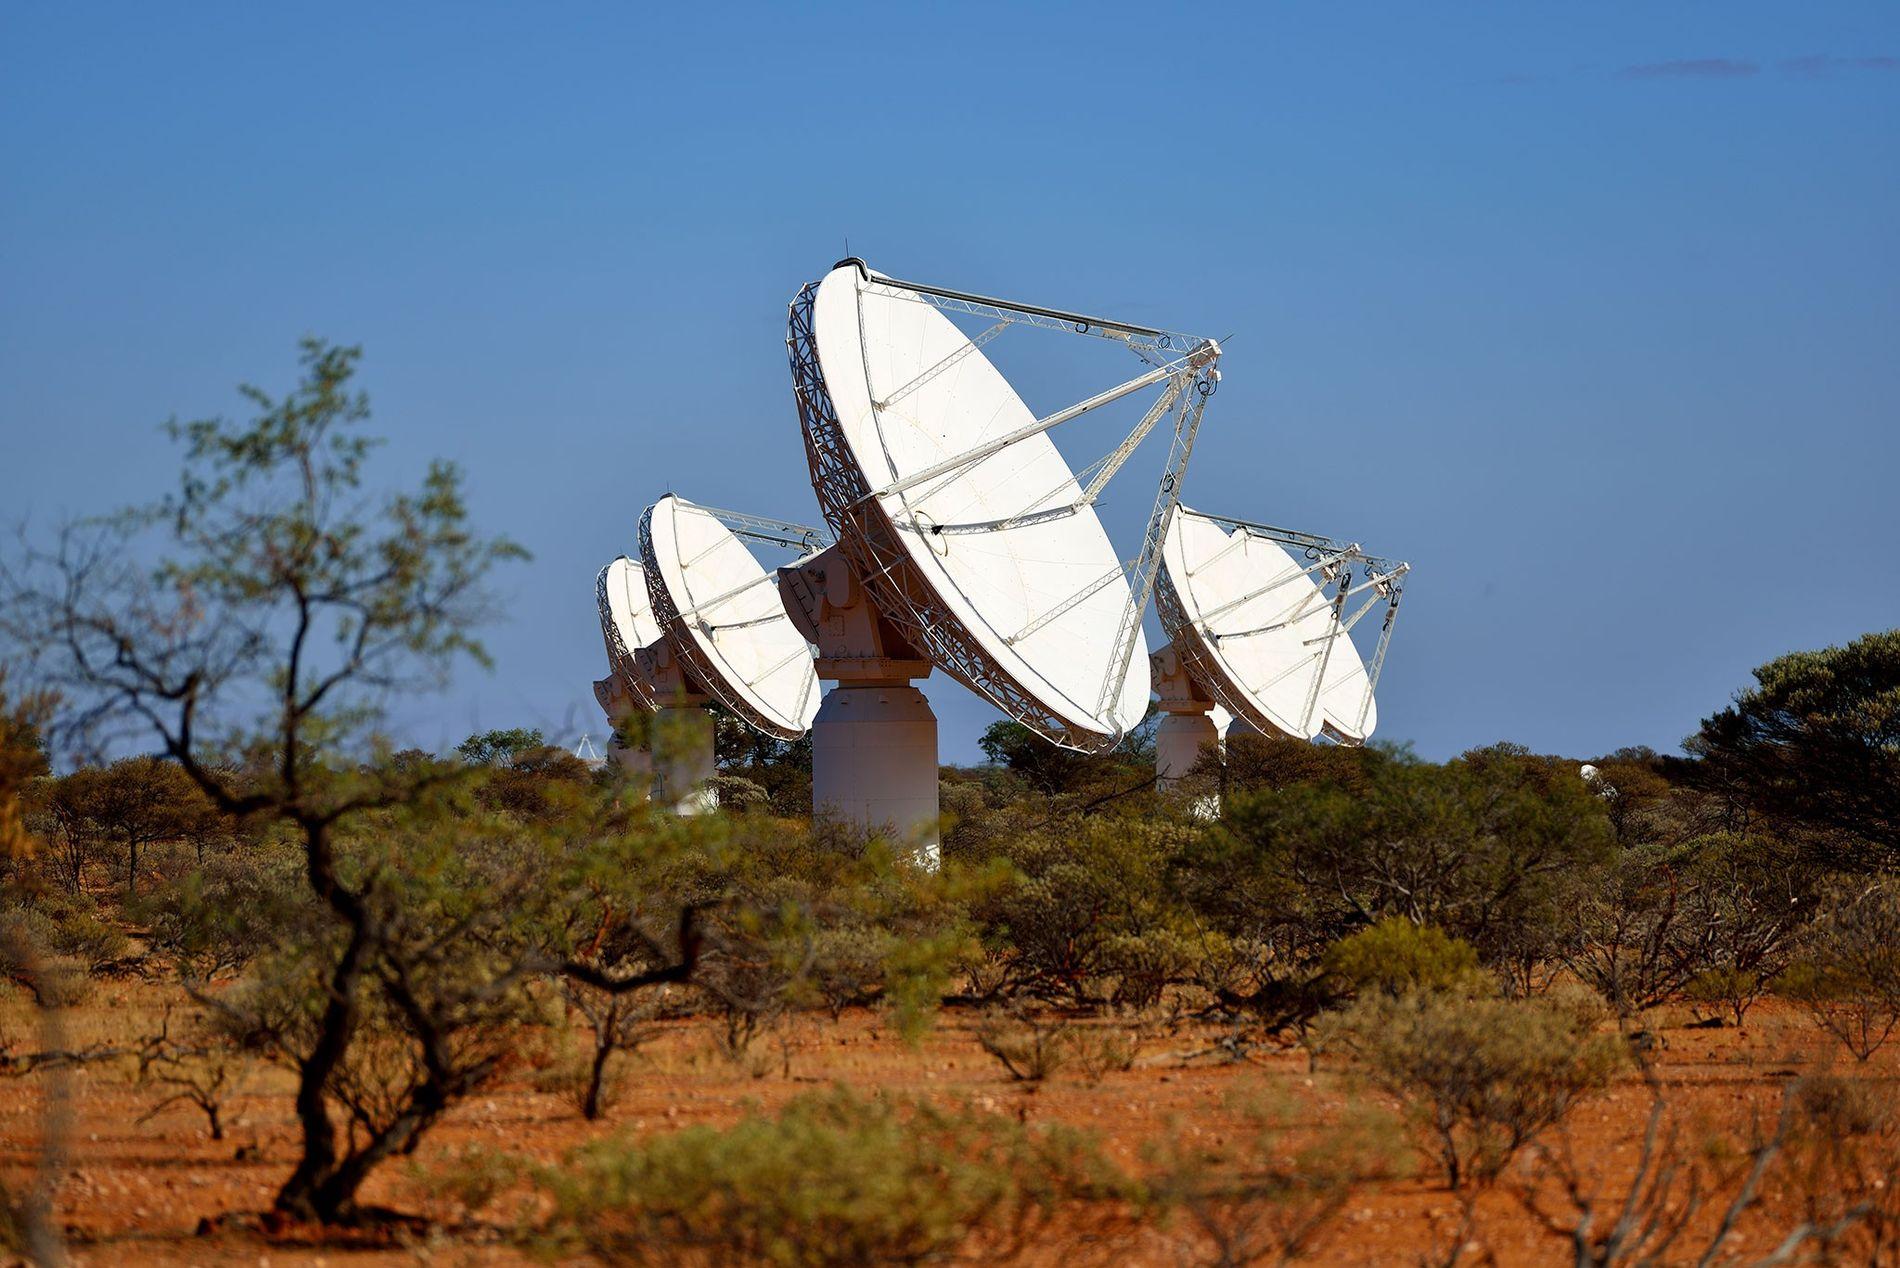 Les multiples antennes paraboliques de l'Australian Square Kilometer Array Pathfinder, dont certaines sont visibles ici, ont ...